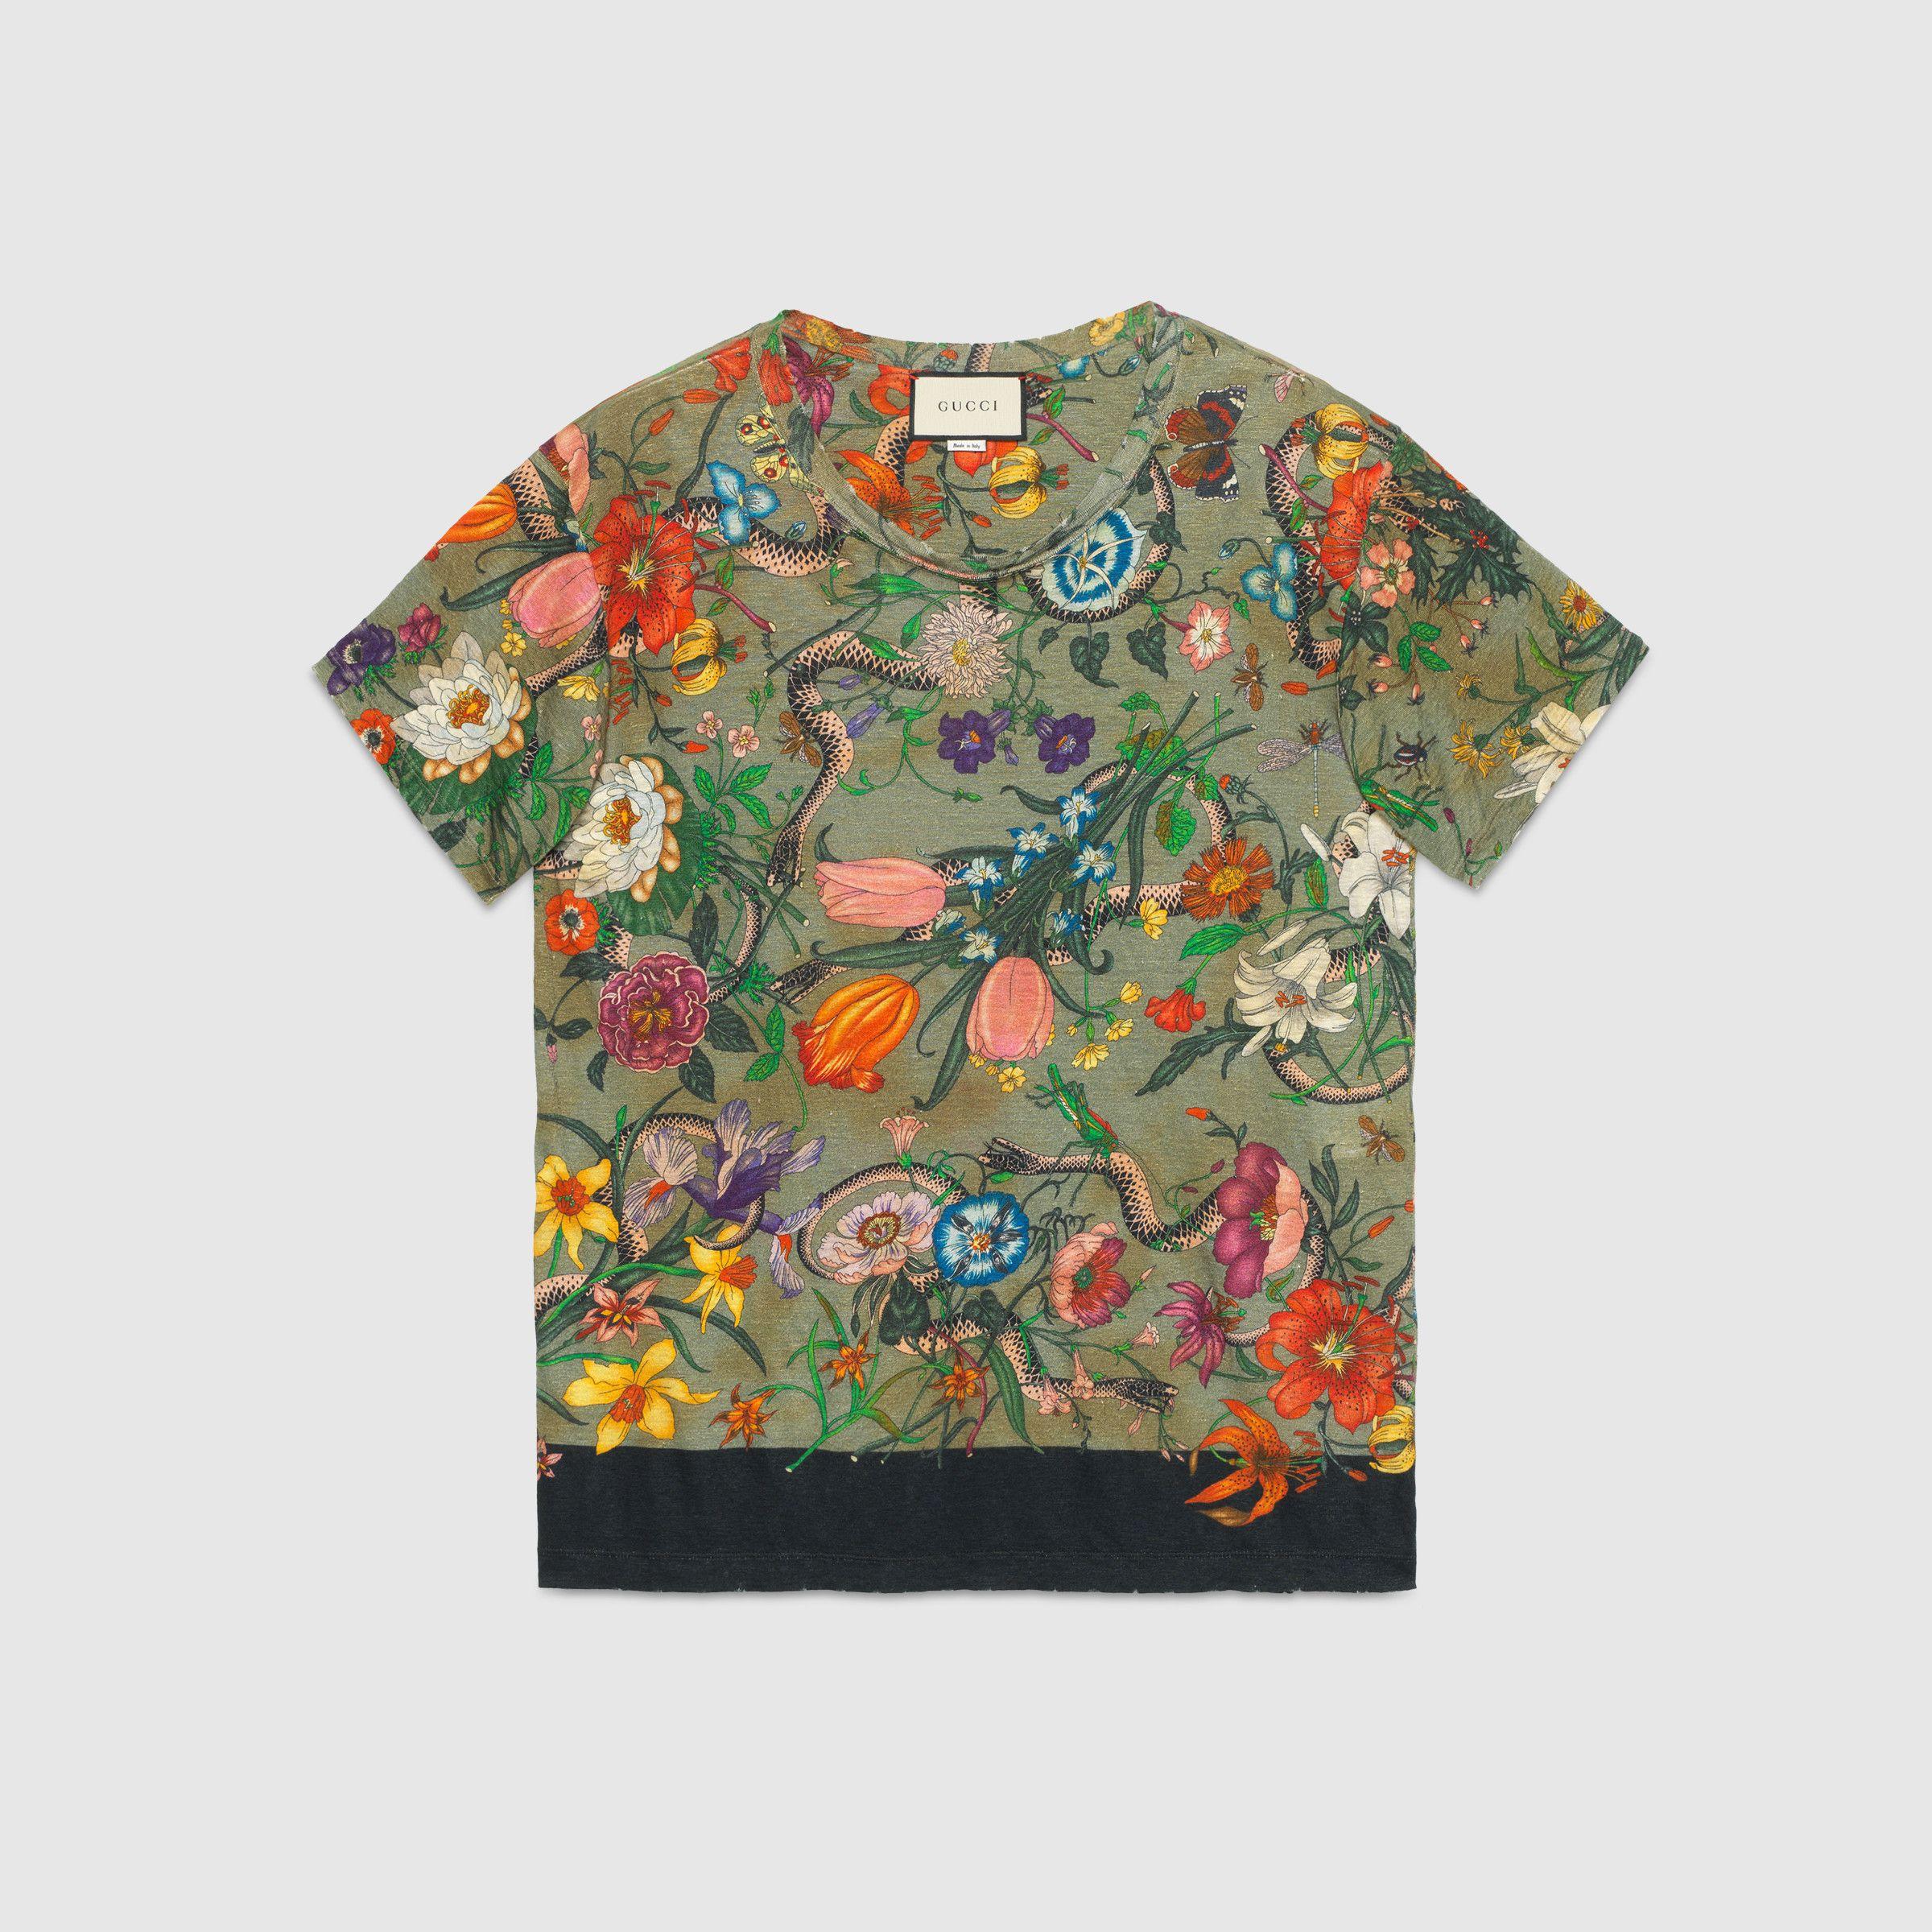 花卉蛇形印花亚麻t恤 绿色花卉蛇形亚麻 Gucci中国官网 Mens